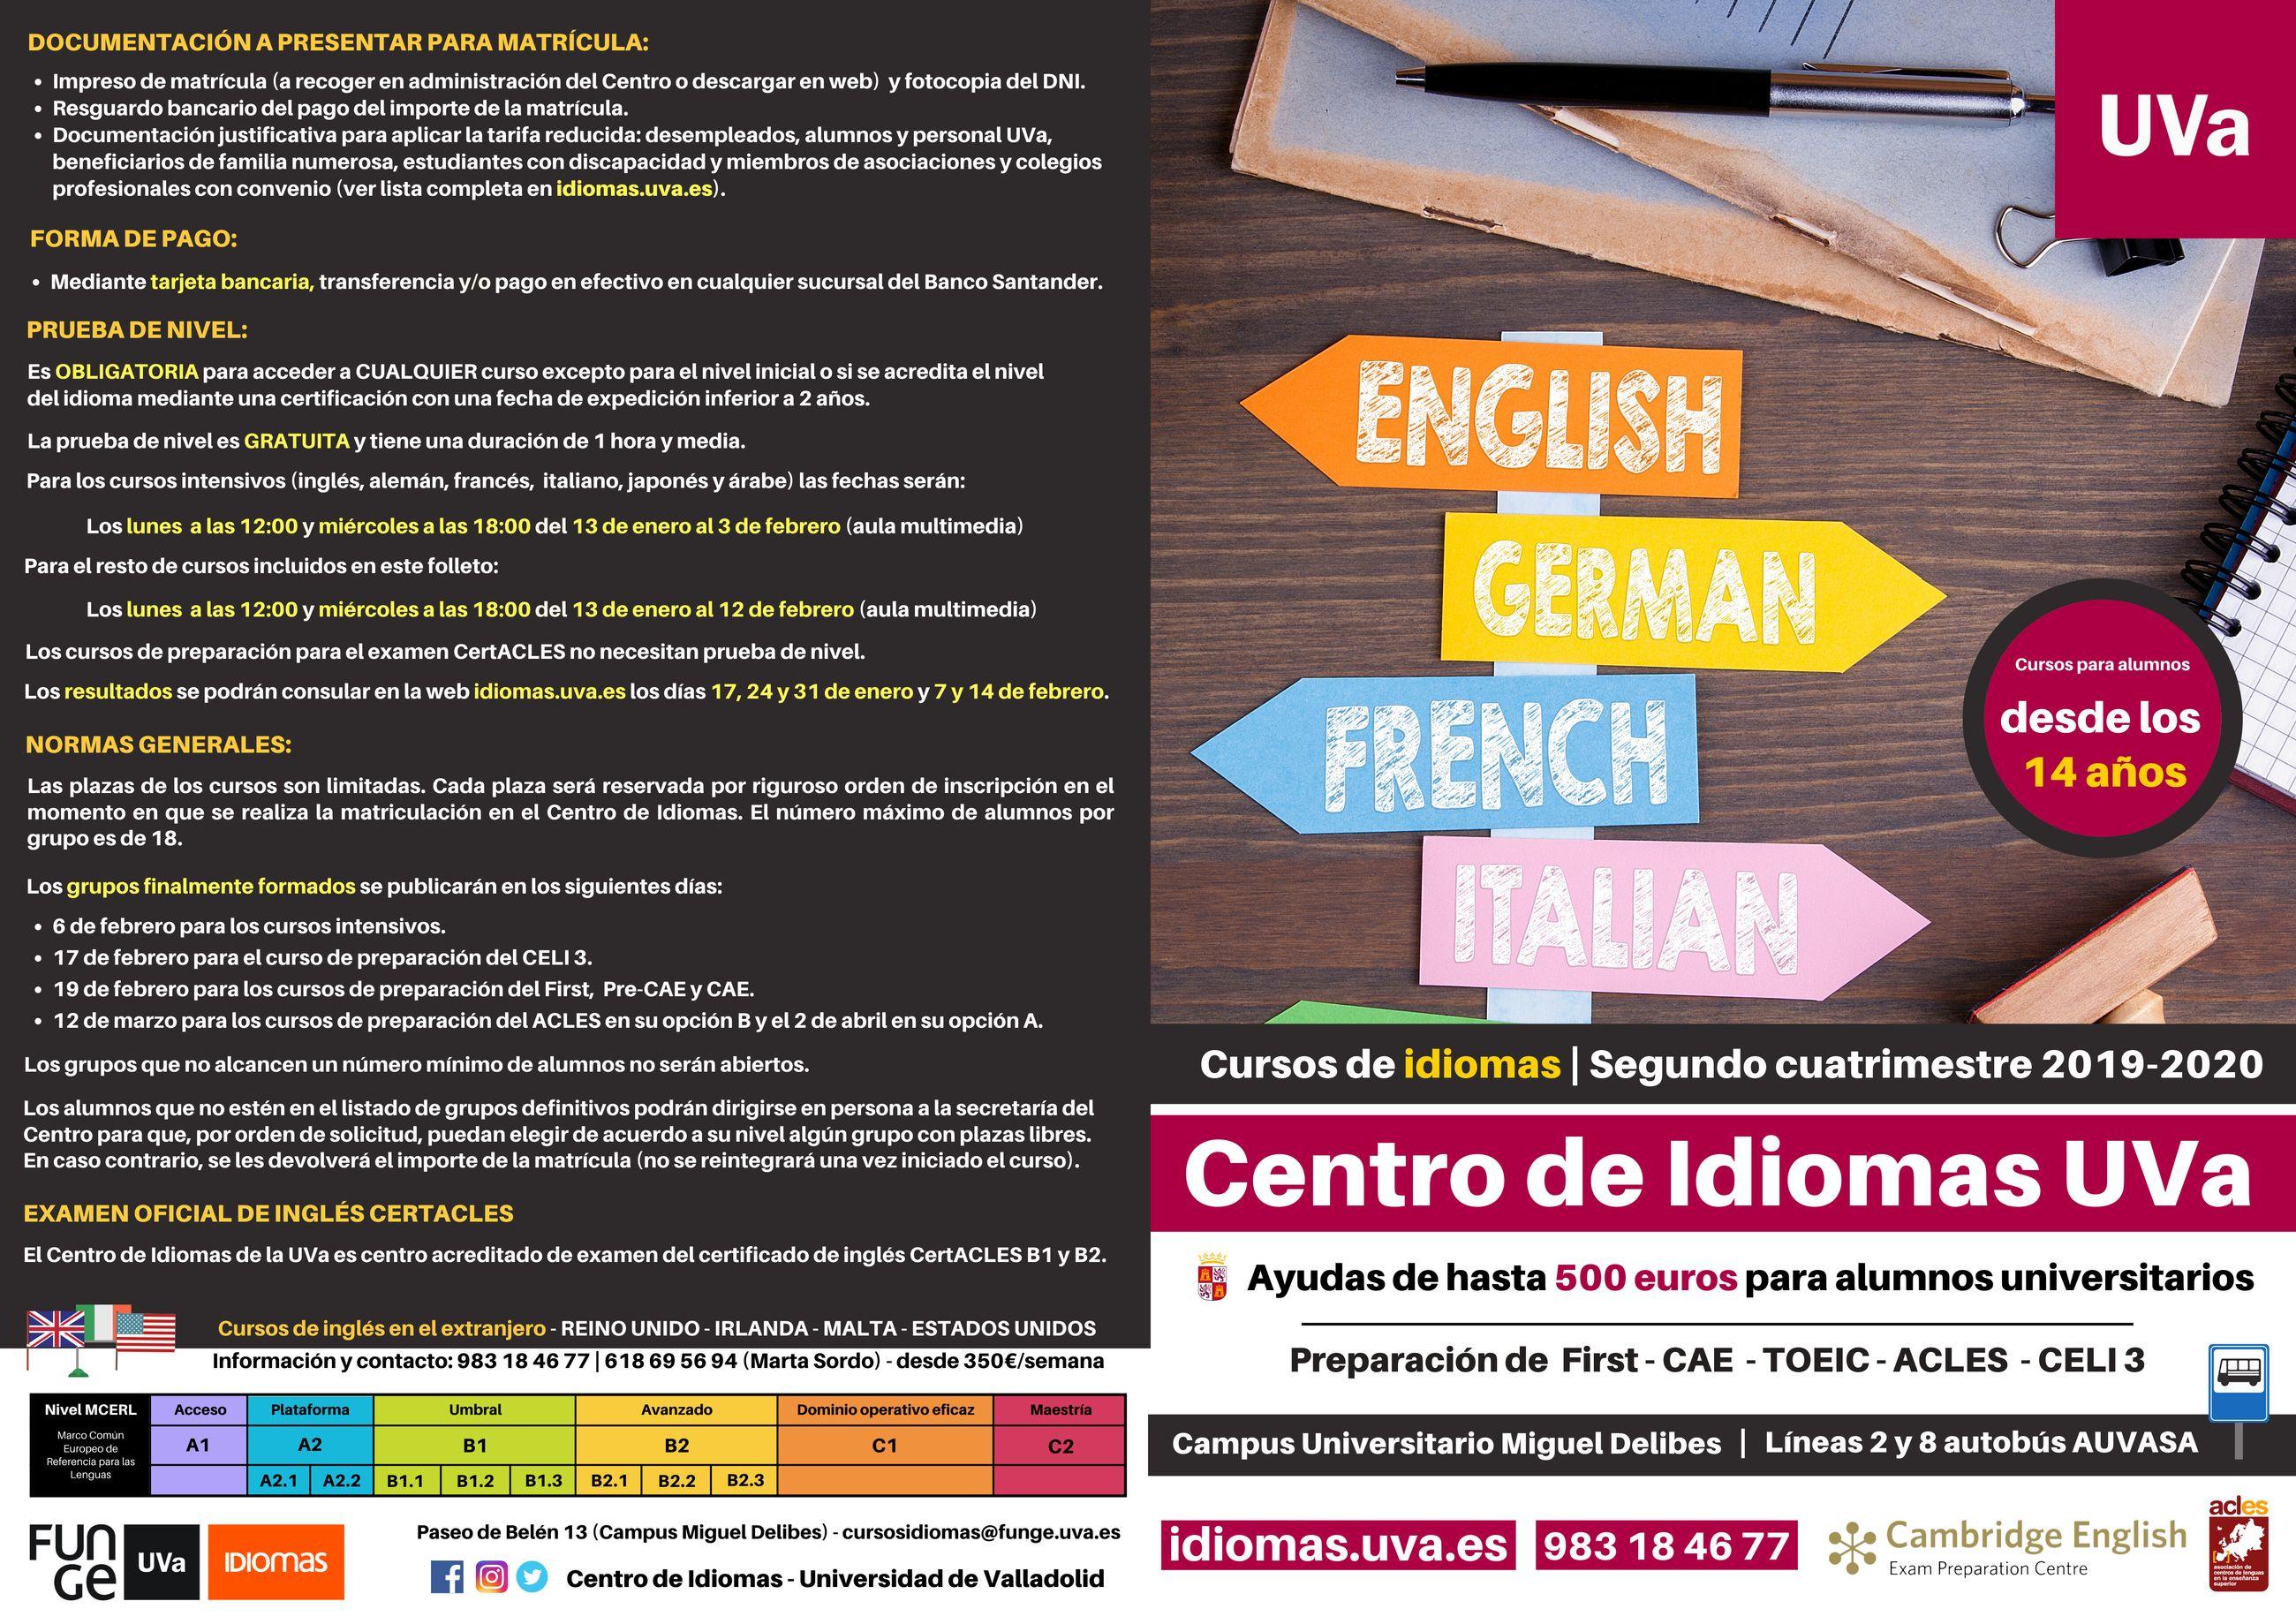 Cursos segundo cuatrimestre 2019-2020 - Centro de Idiomas Universidad de Valladolid - inglés - francés - alemán - Cambridge